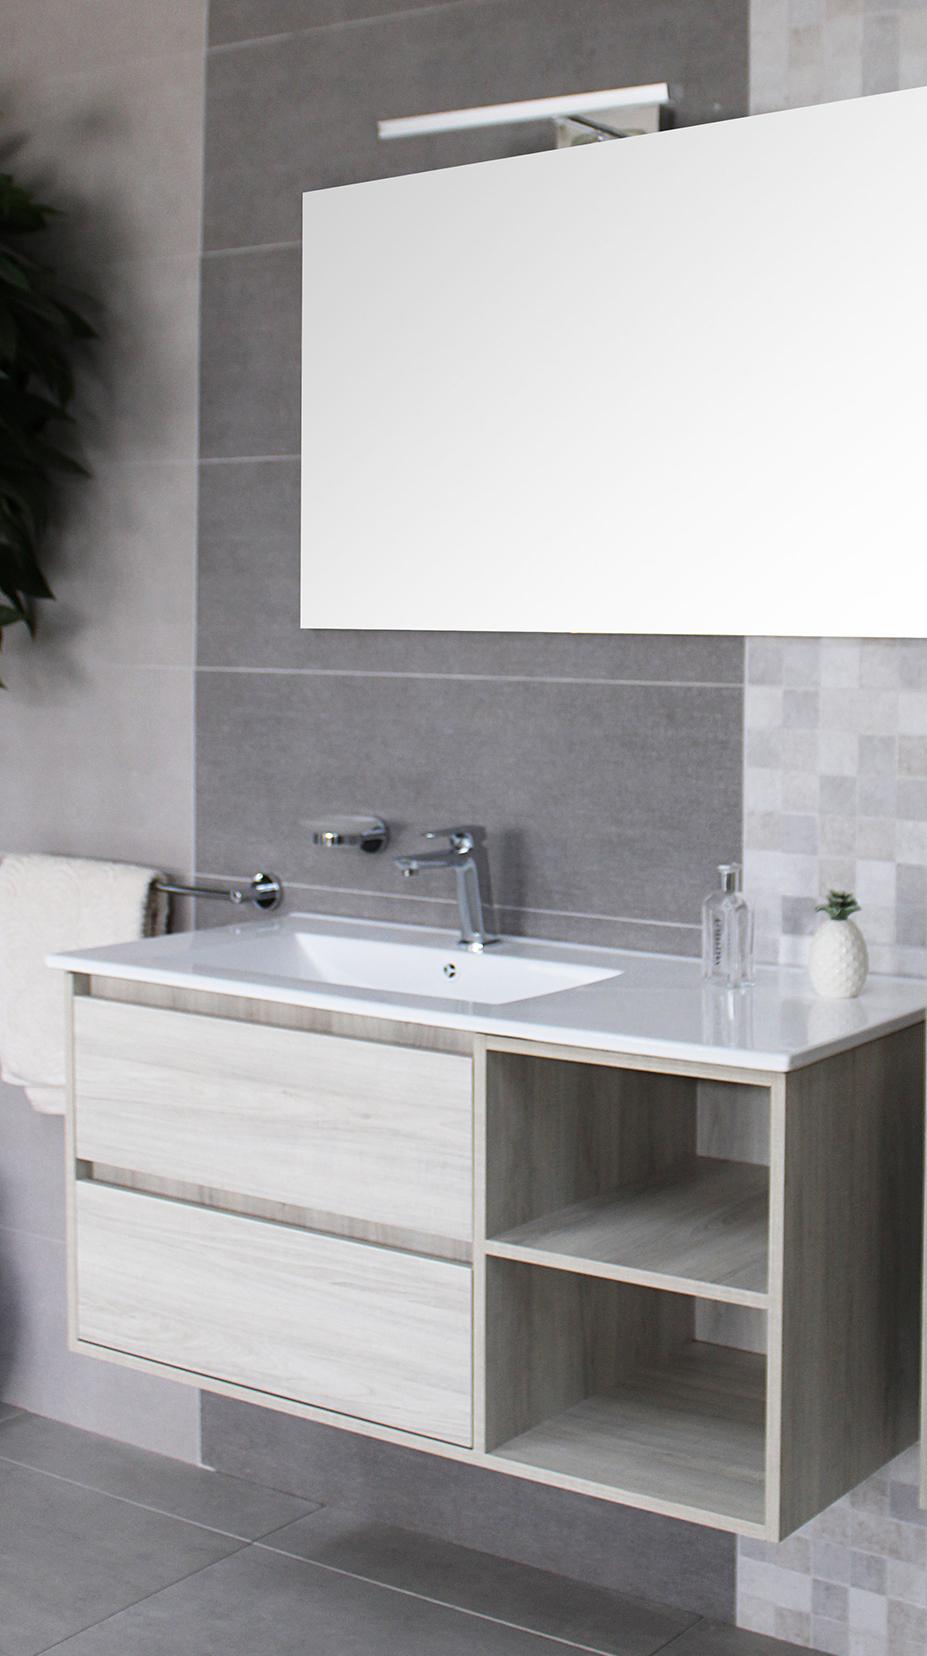 Londra senza colonna 2 Mobile bagno Londra sospeso 100 cm bianco effetto legno con lavabo specchio lampada